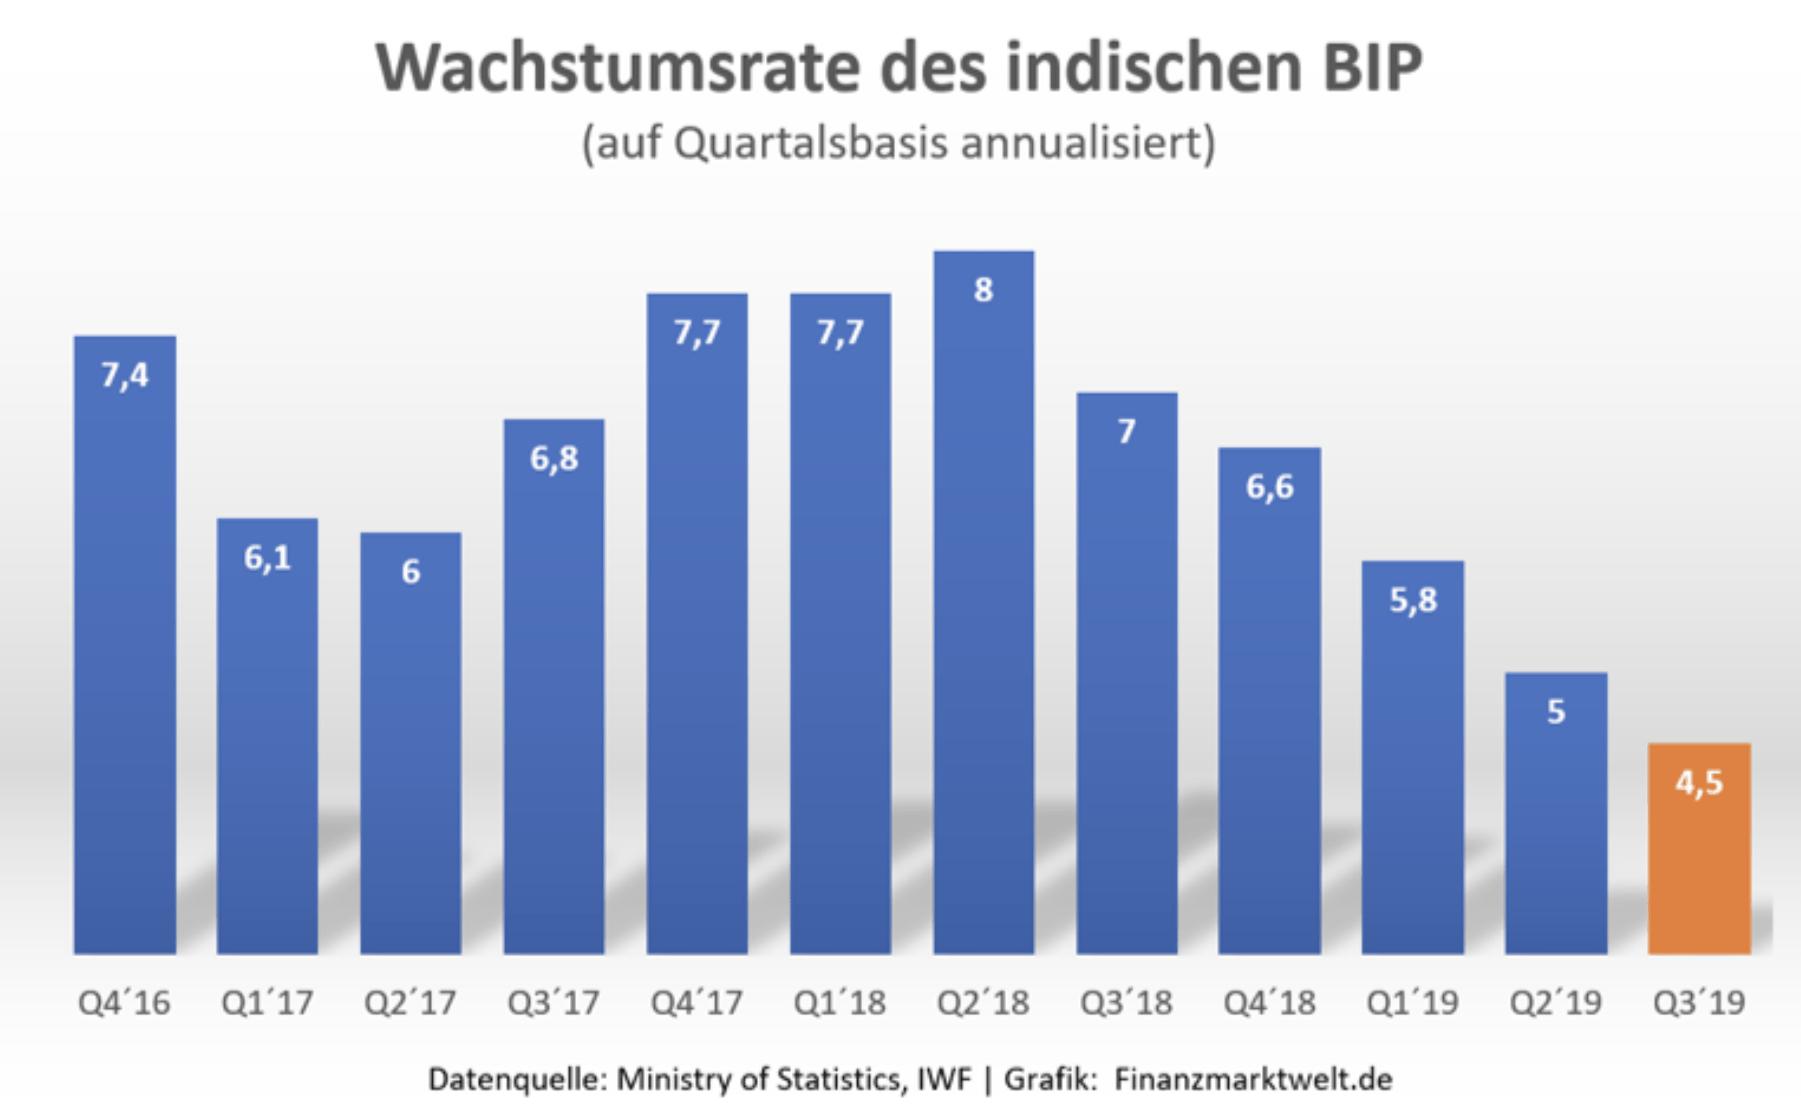 Entwicklung des indischen BIP